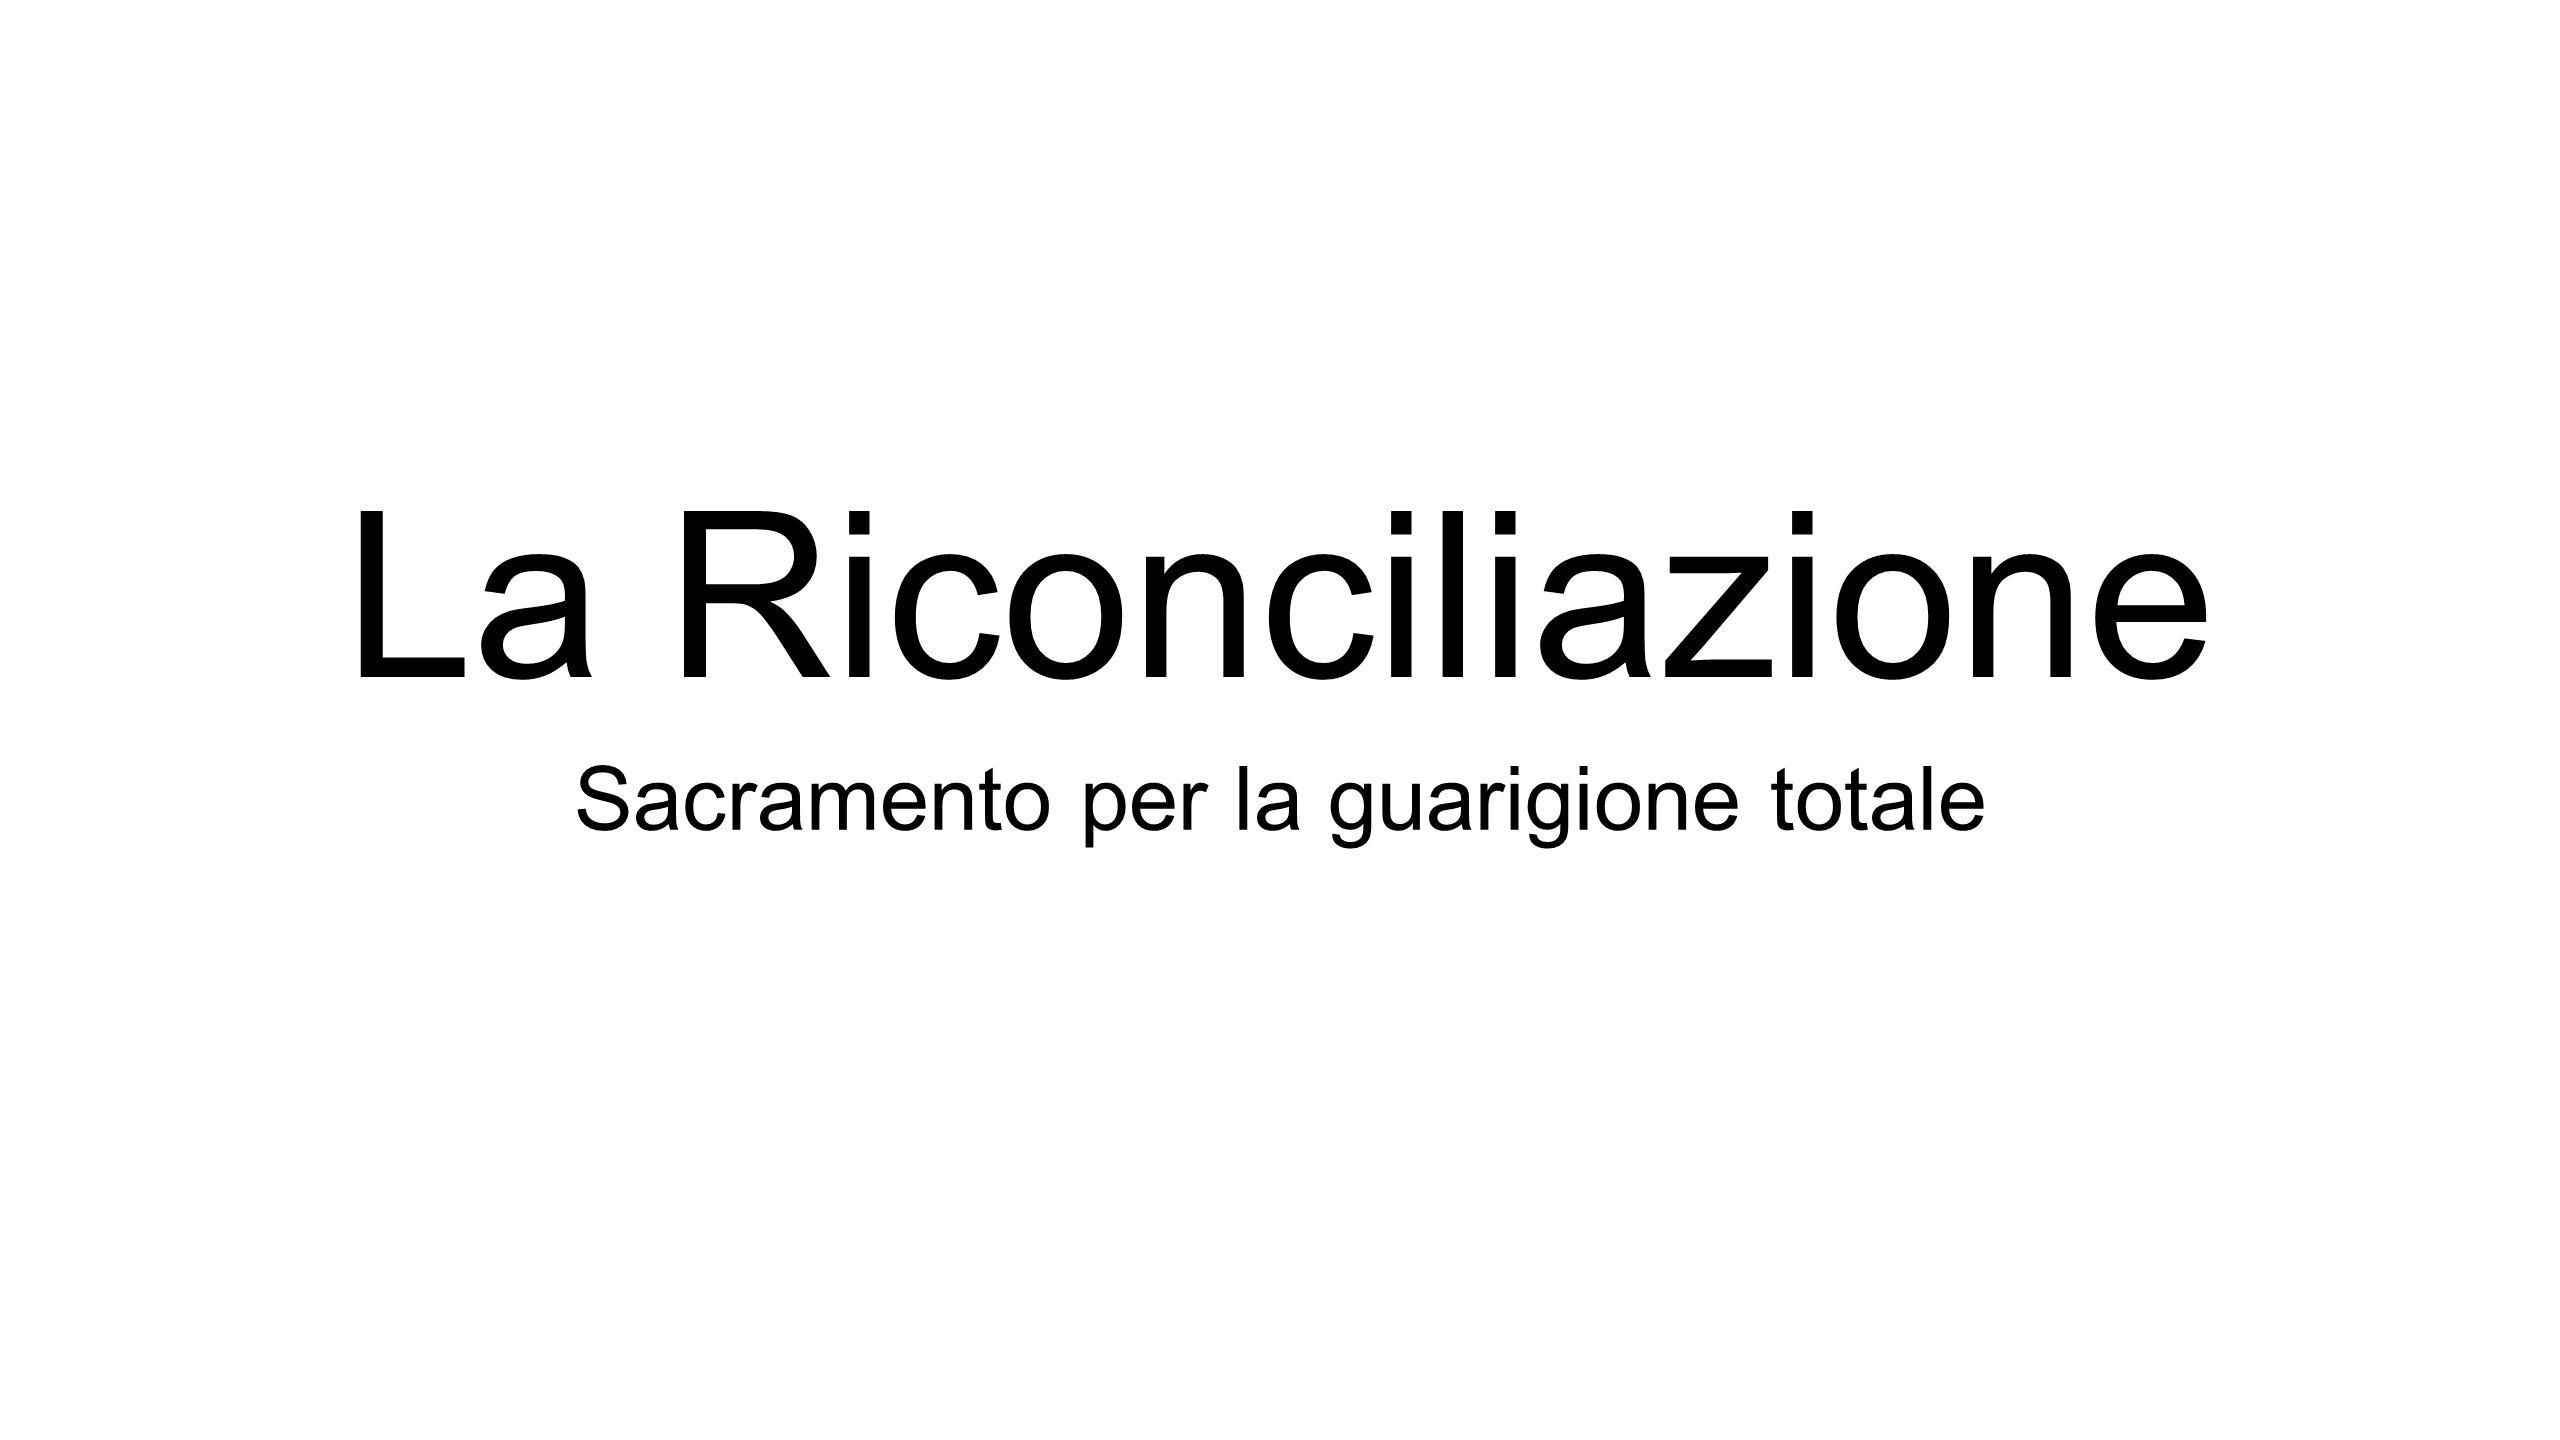 La Riconciliazione Sacramento per la guarigione totale